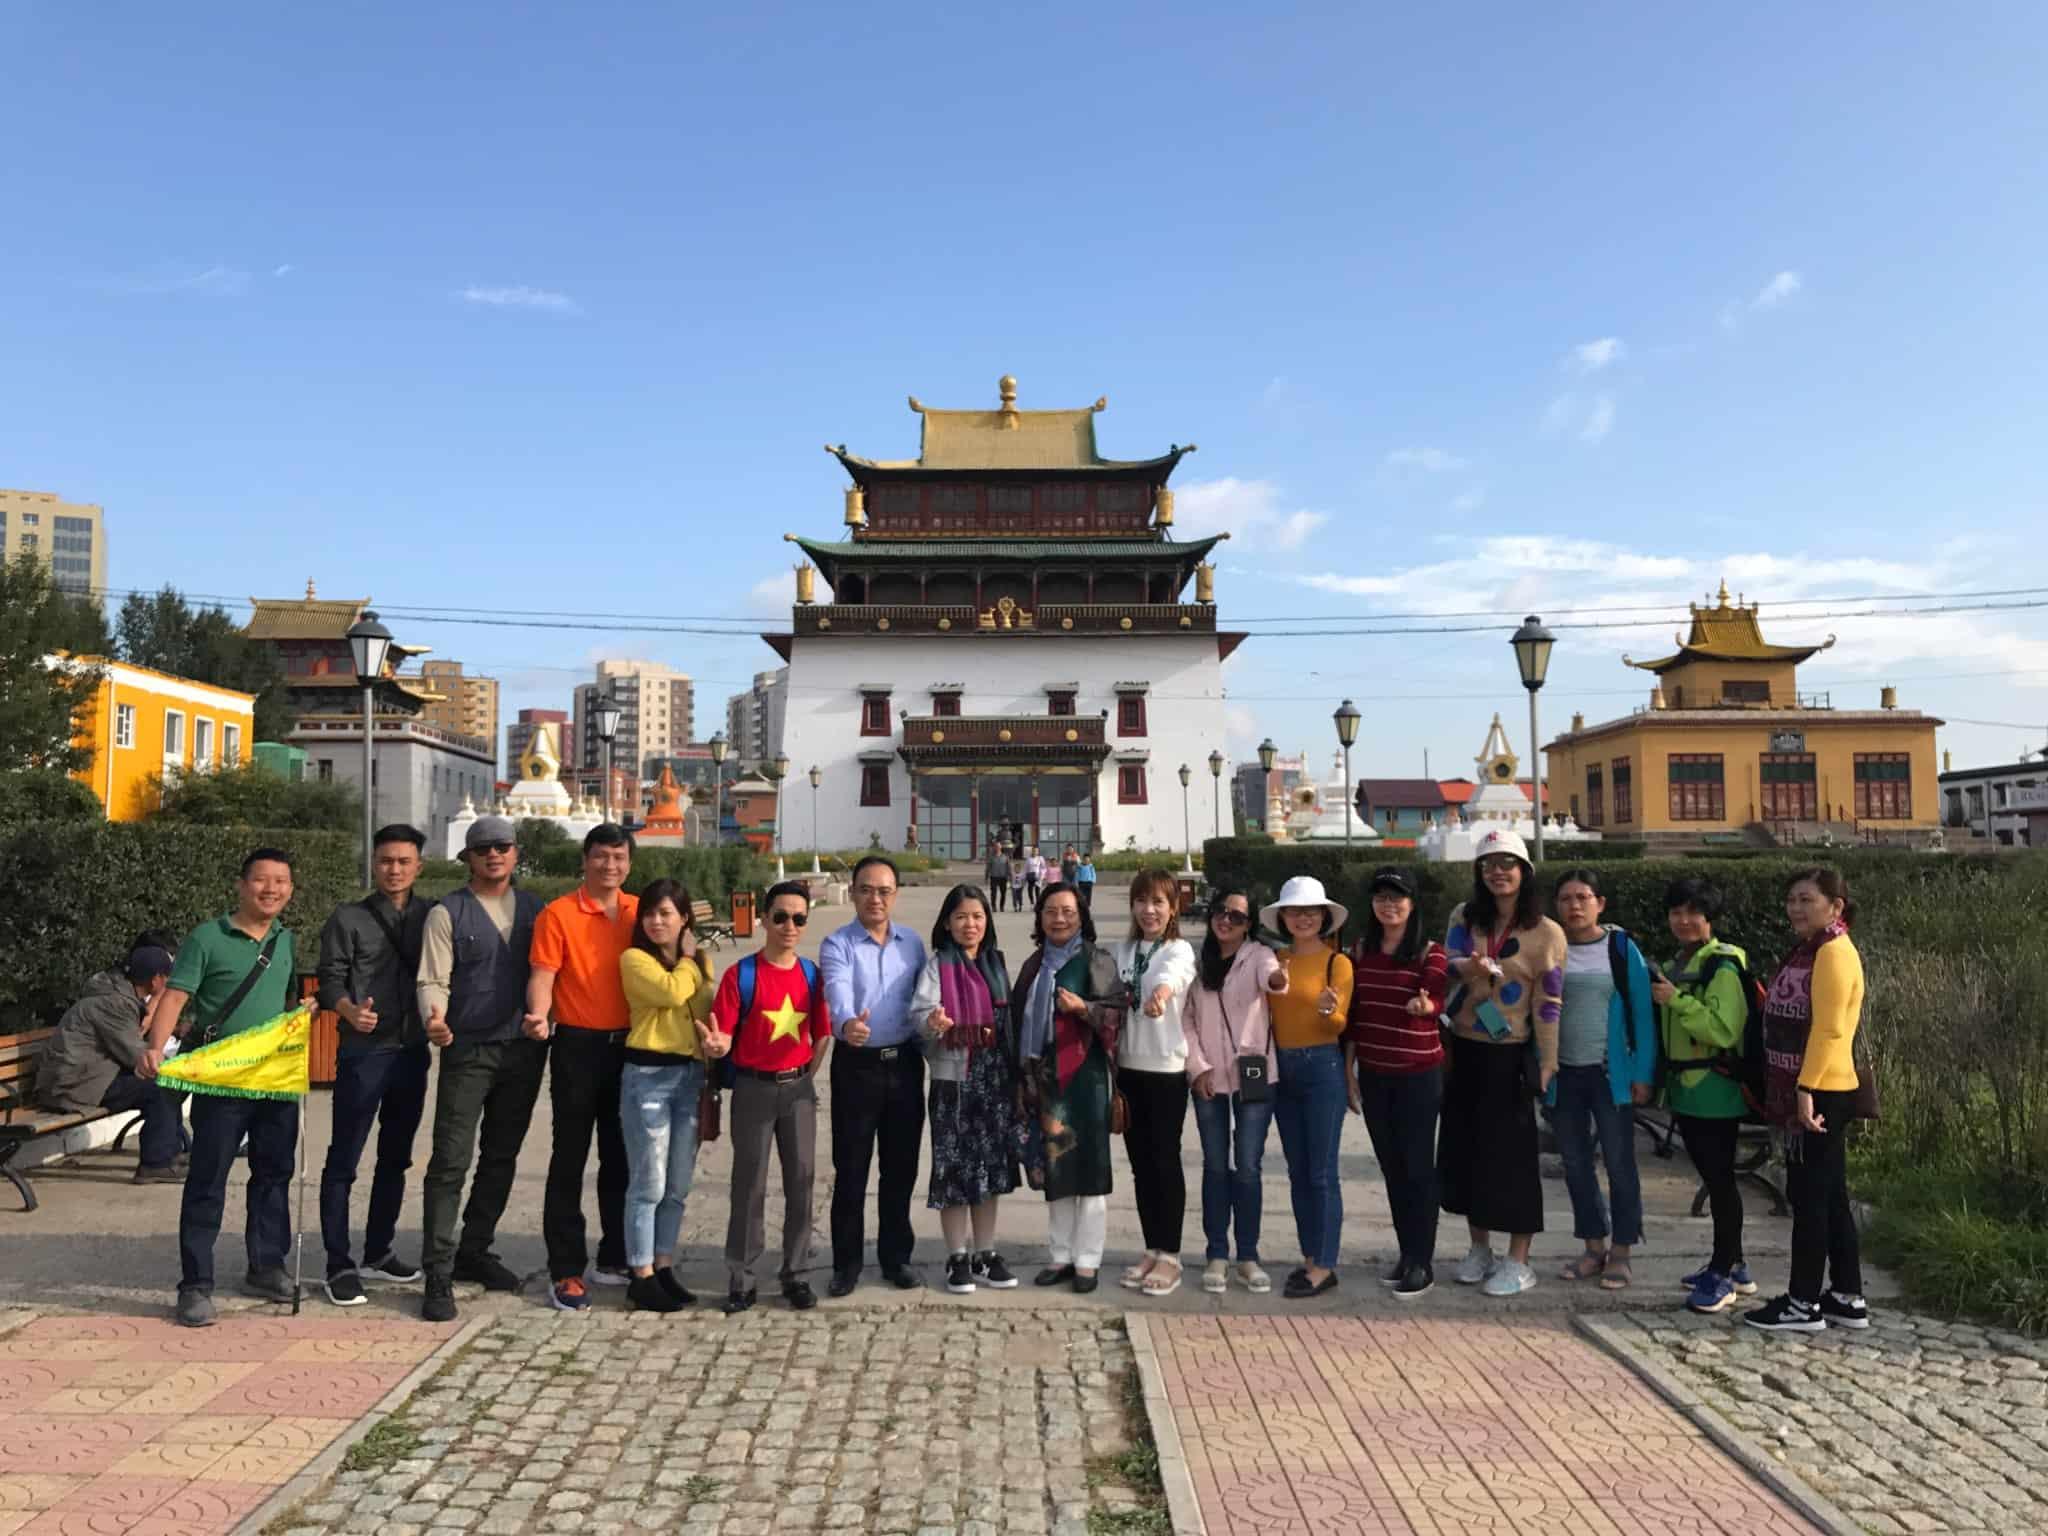 Du lịch Mông Cổ cùng VieTourist